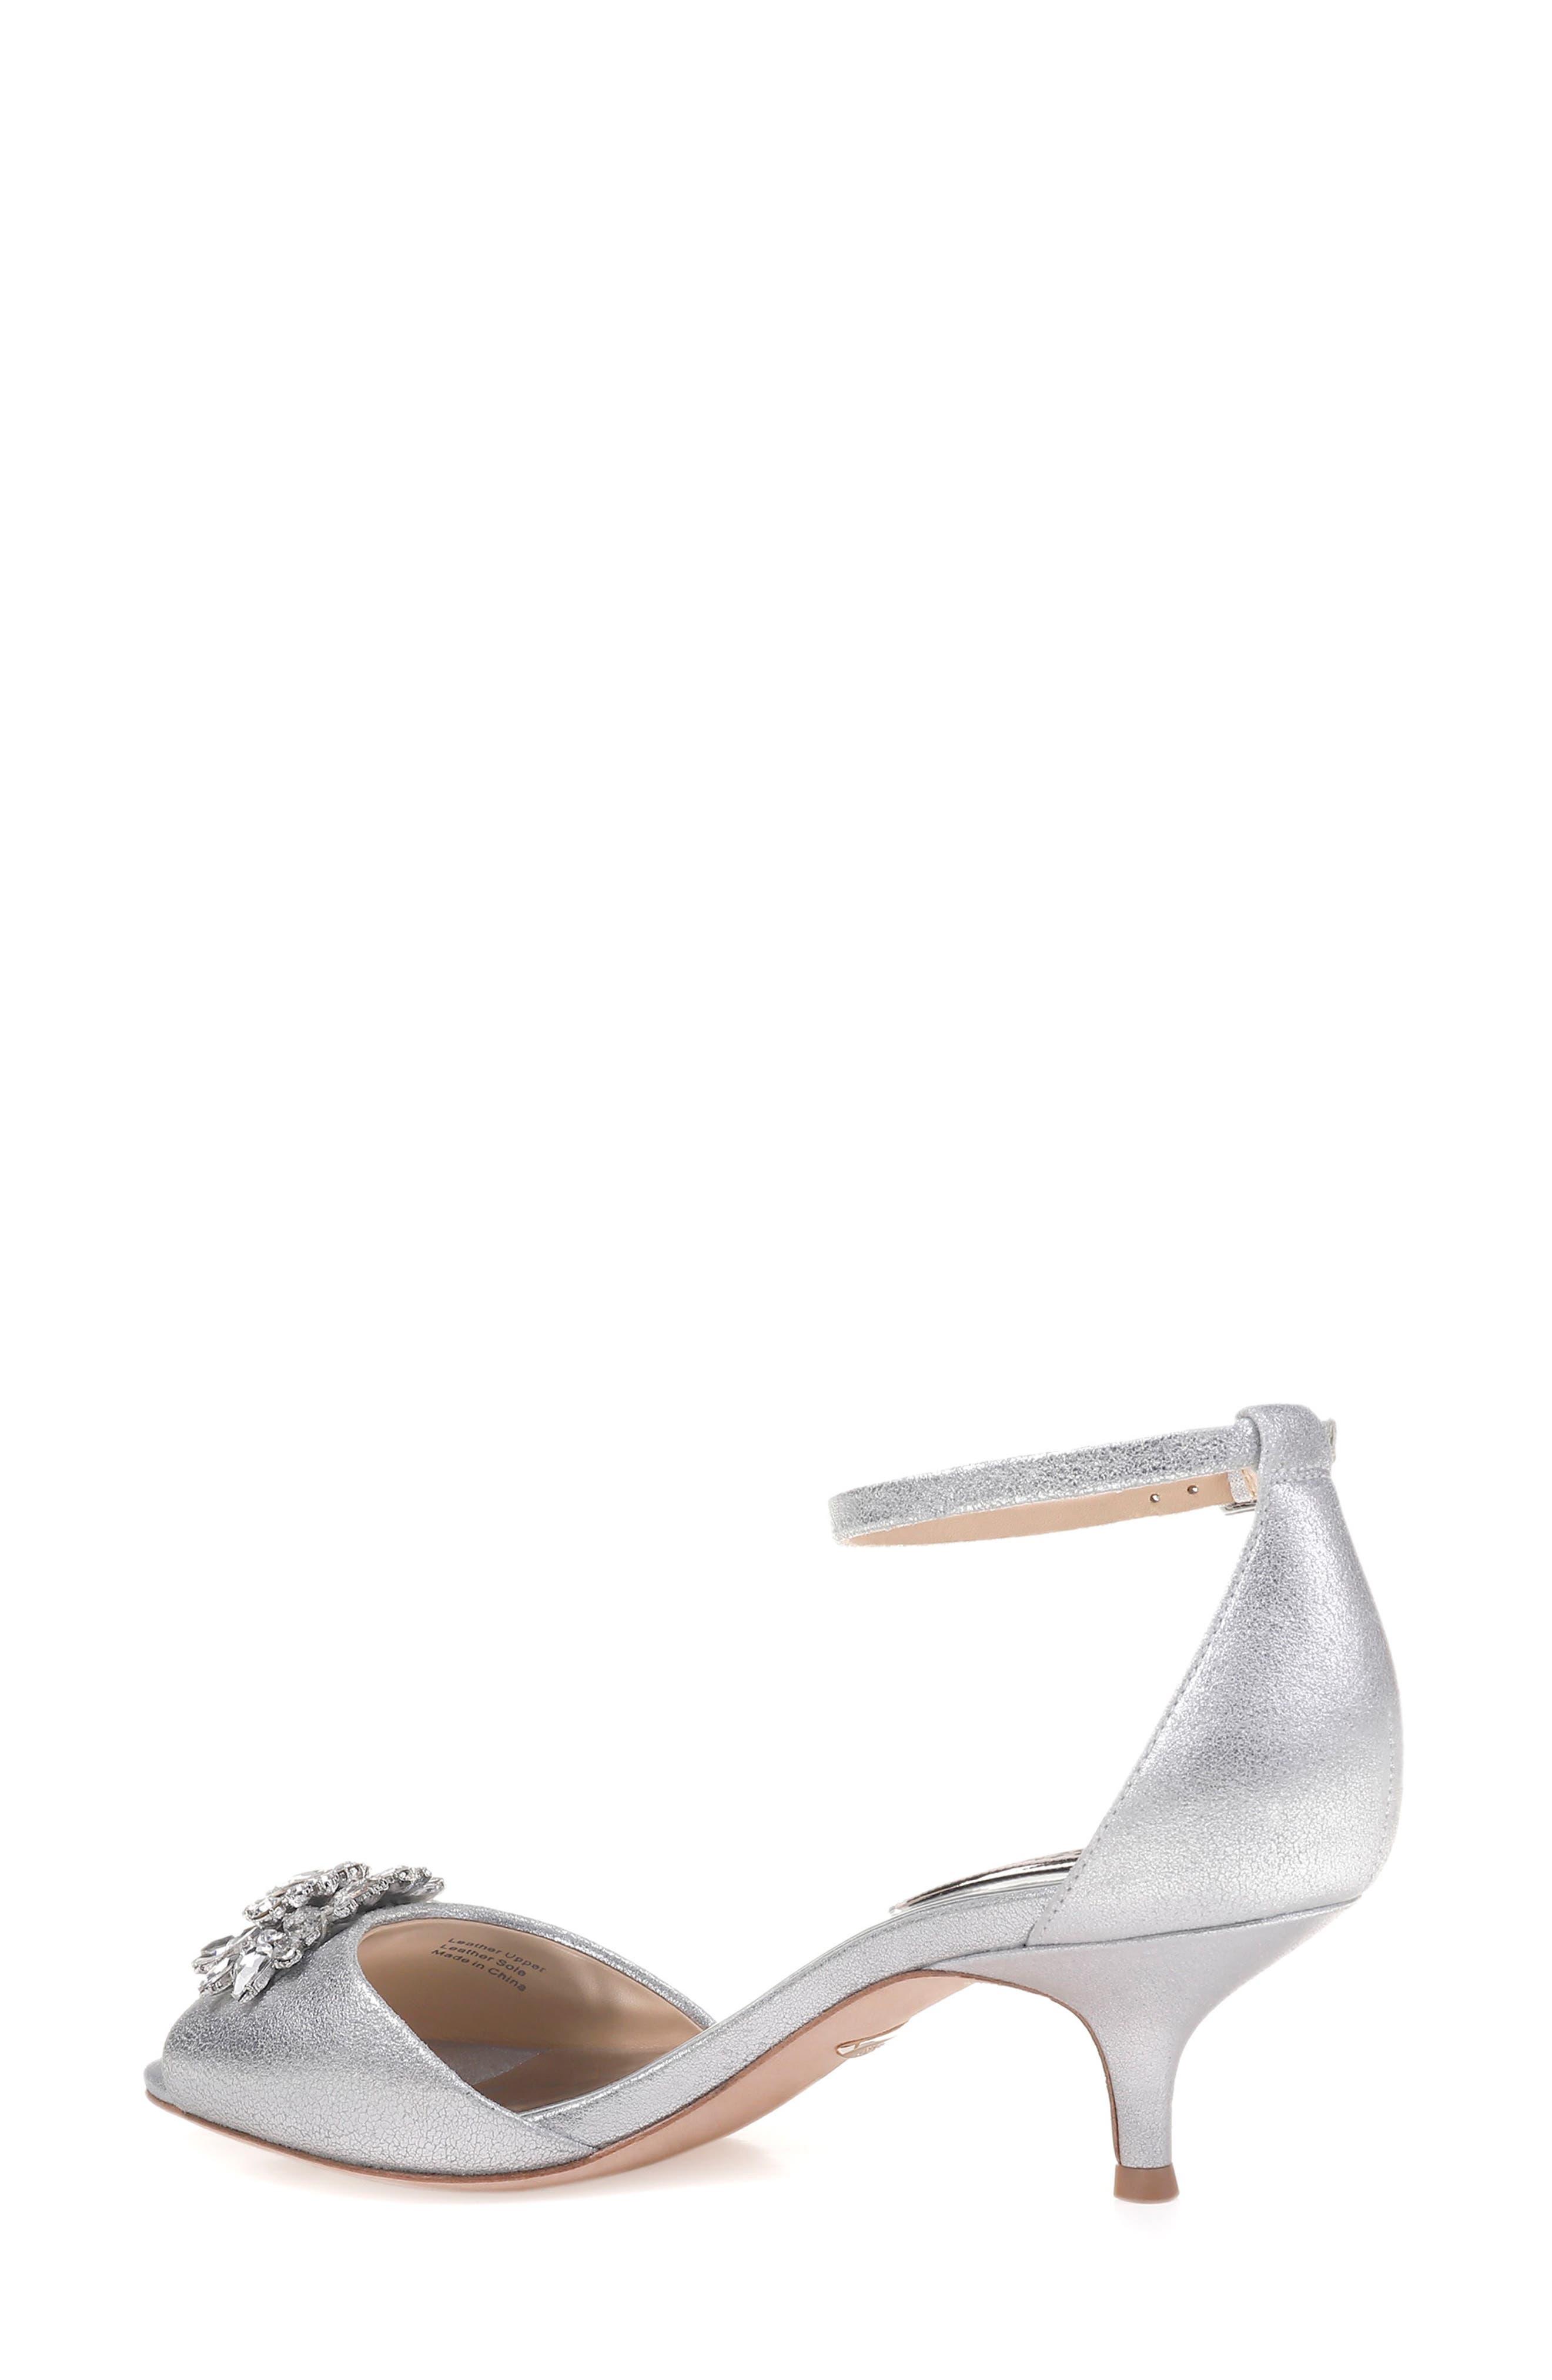 Sainte Crystal Embellished Sandal,                             Alternate thumbnail 6, color,